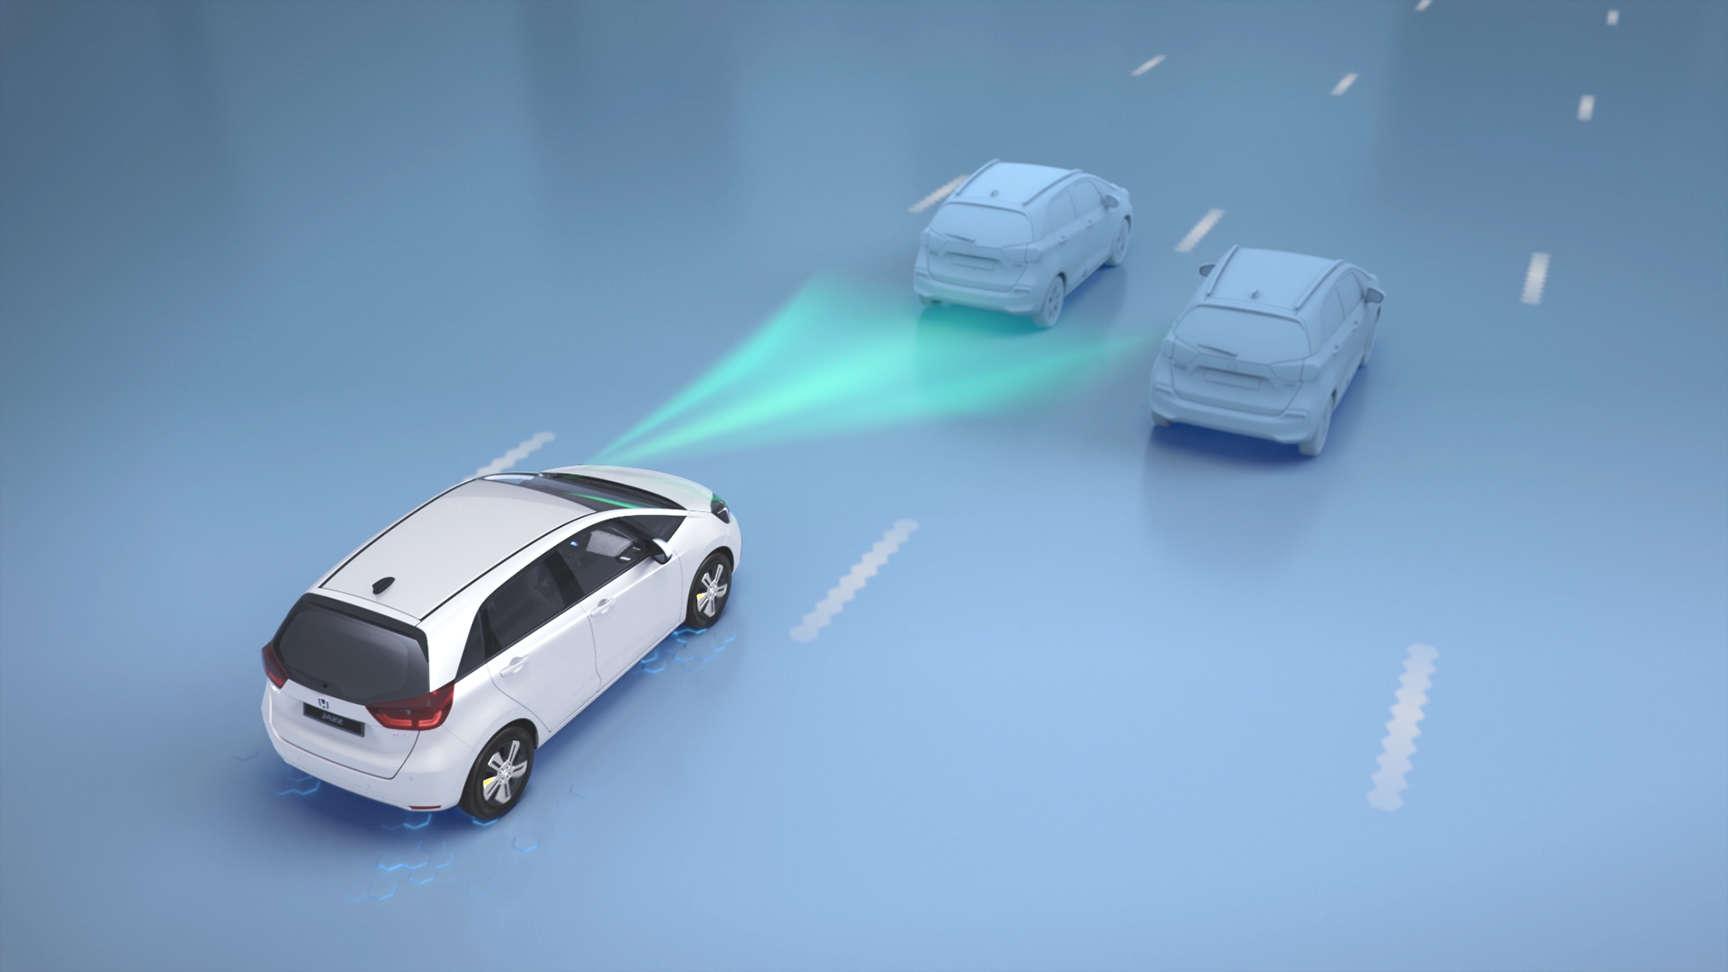 Vozidlo Honda prechádza okolo značky s obmedzením rýchlosti a rozpoznáva ju